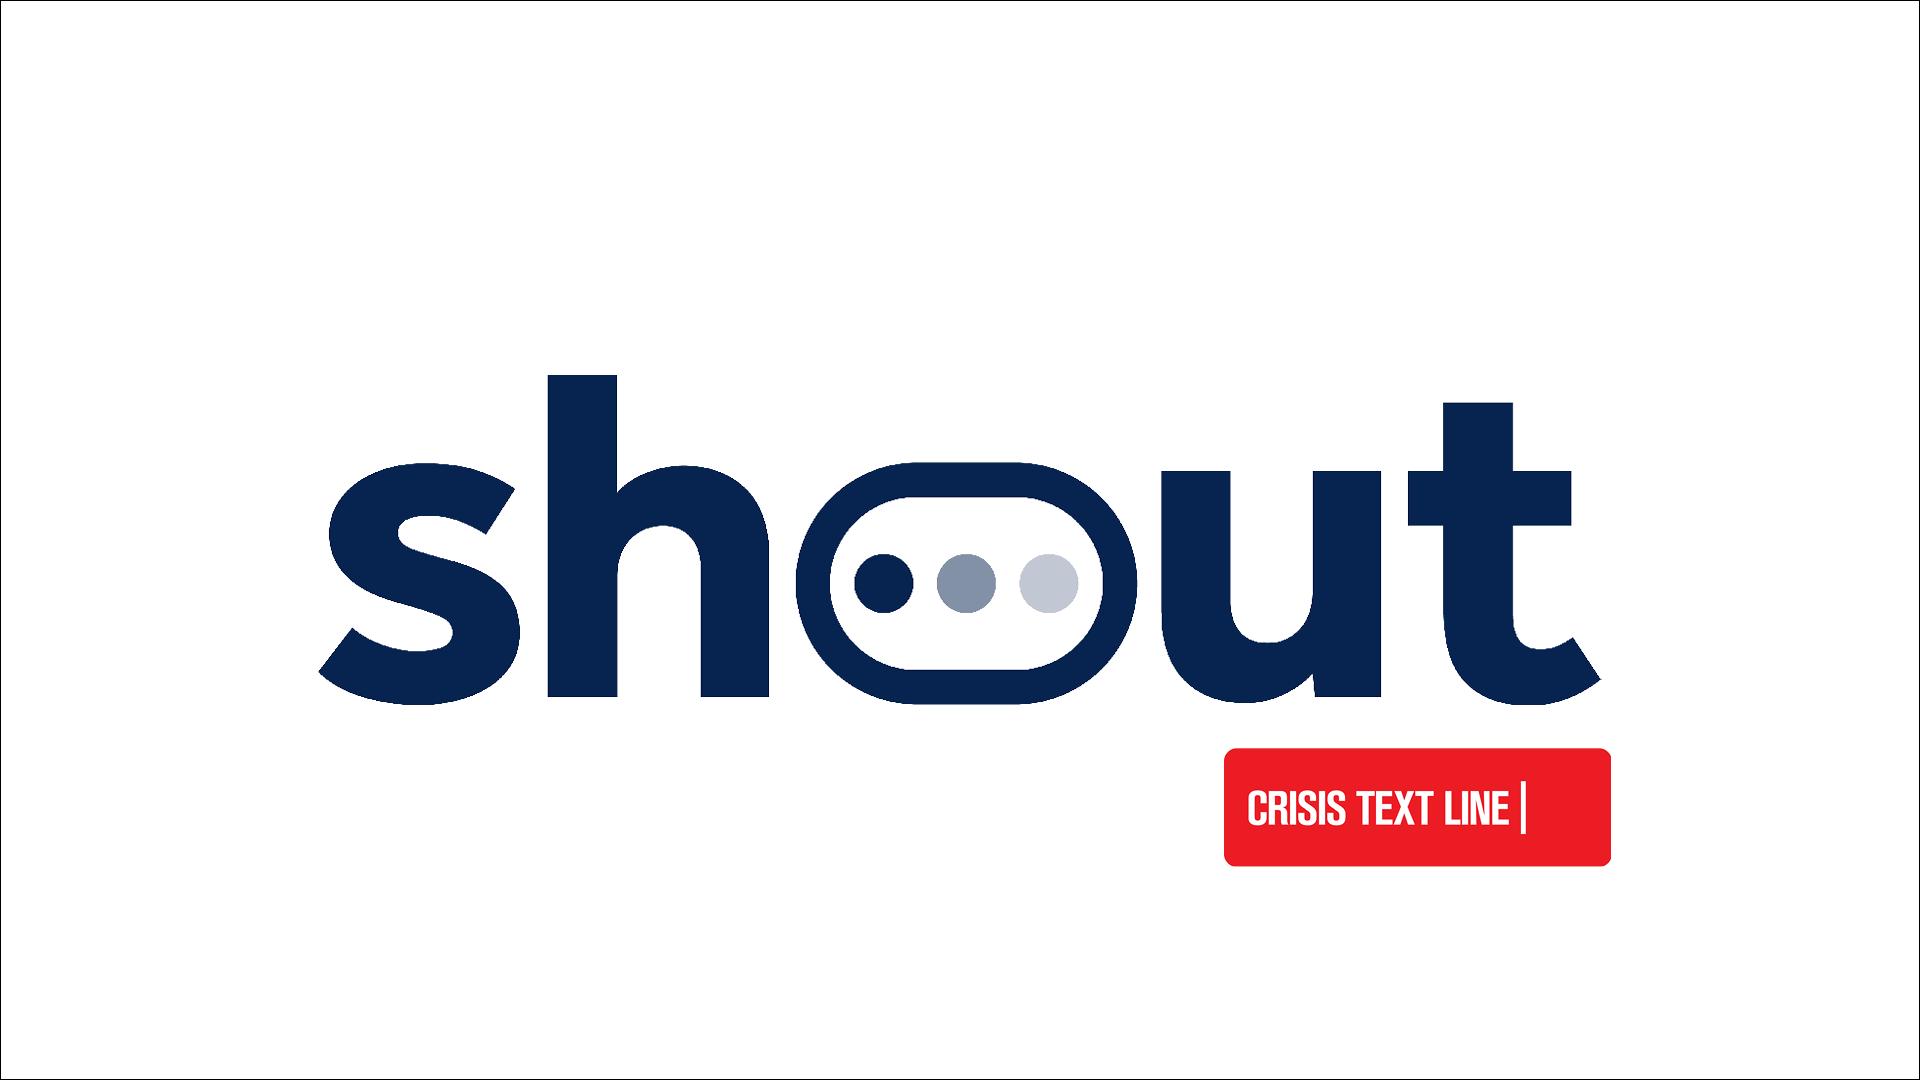 Shout - Crisis Text Line